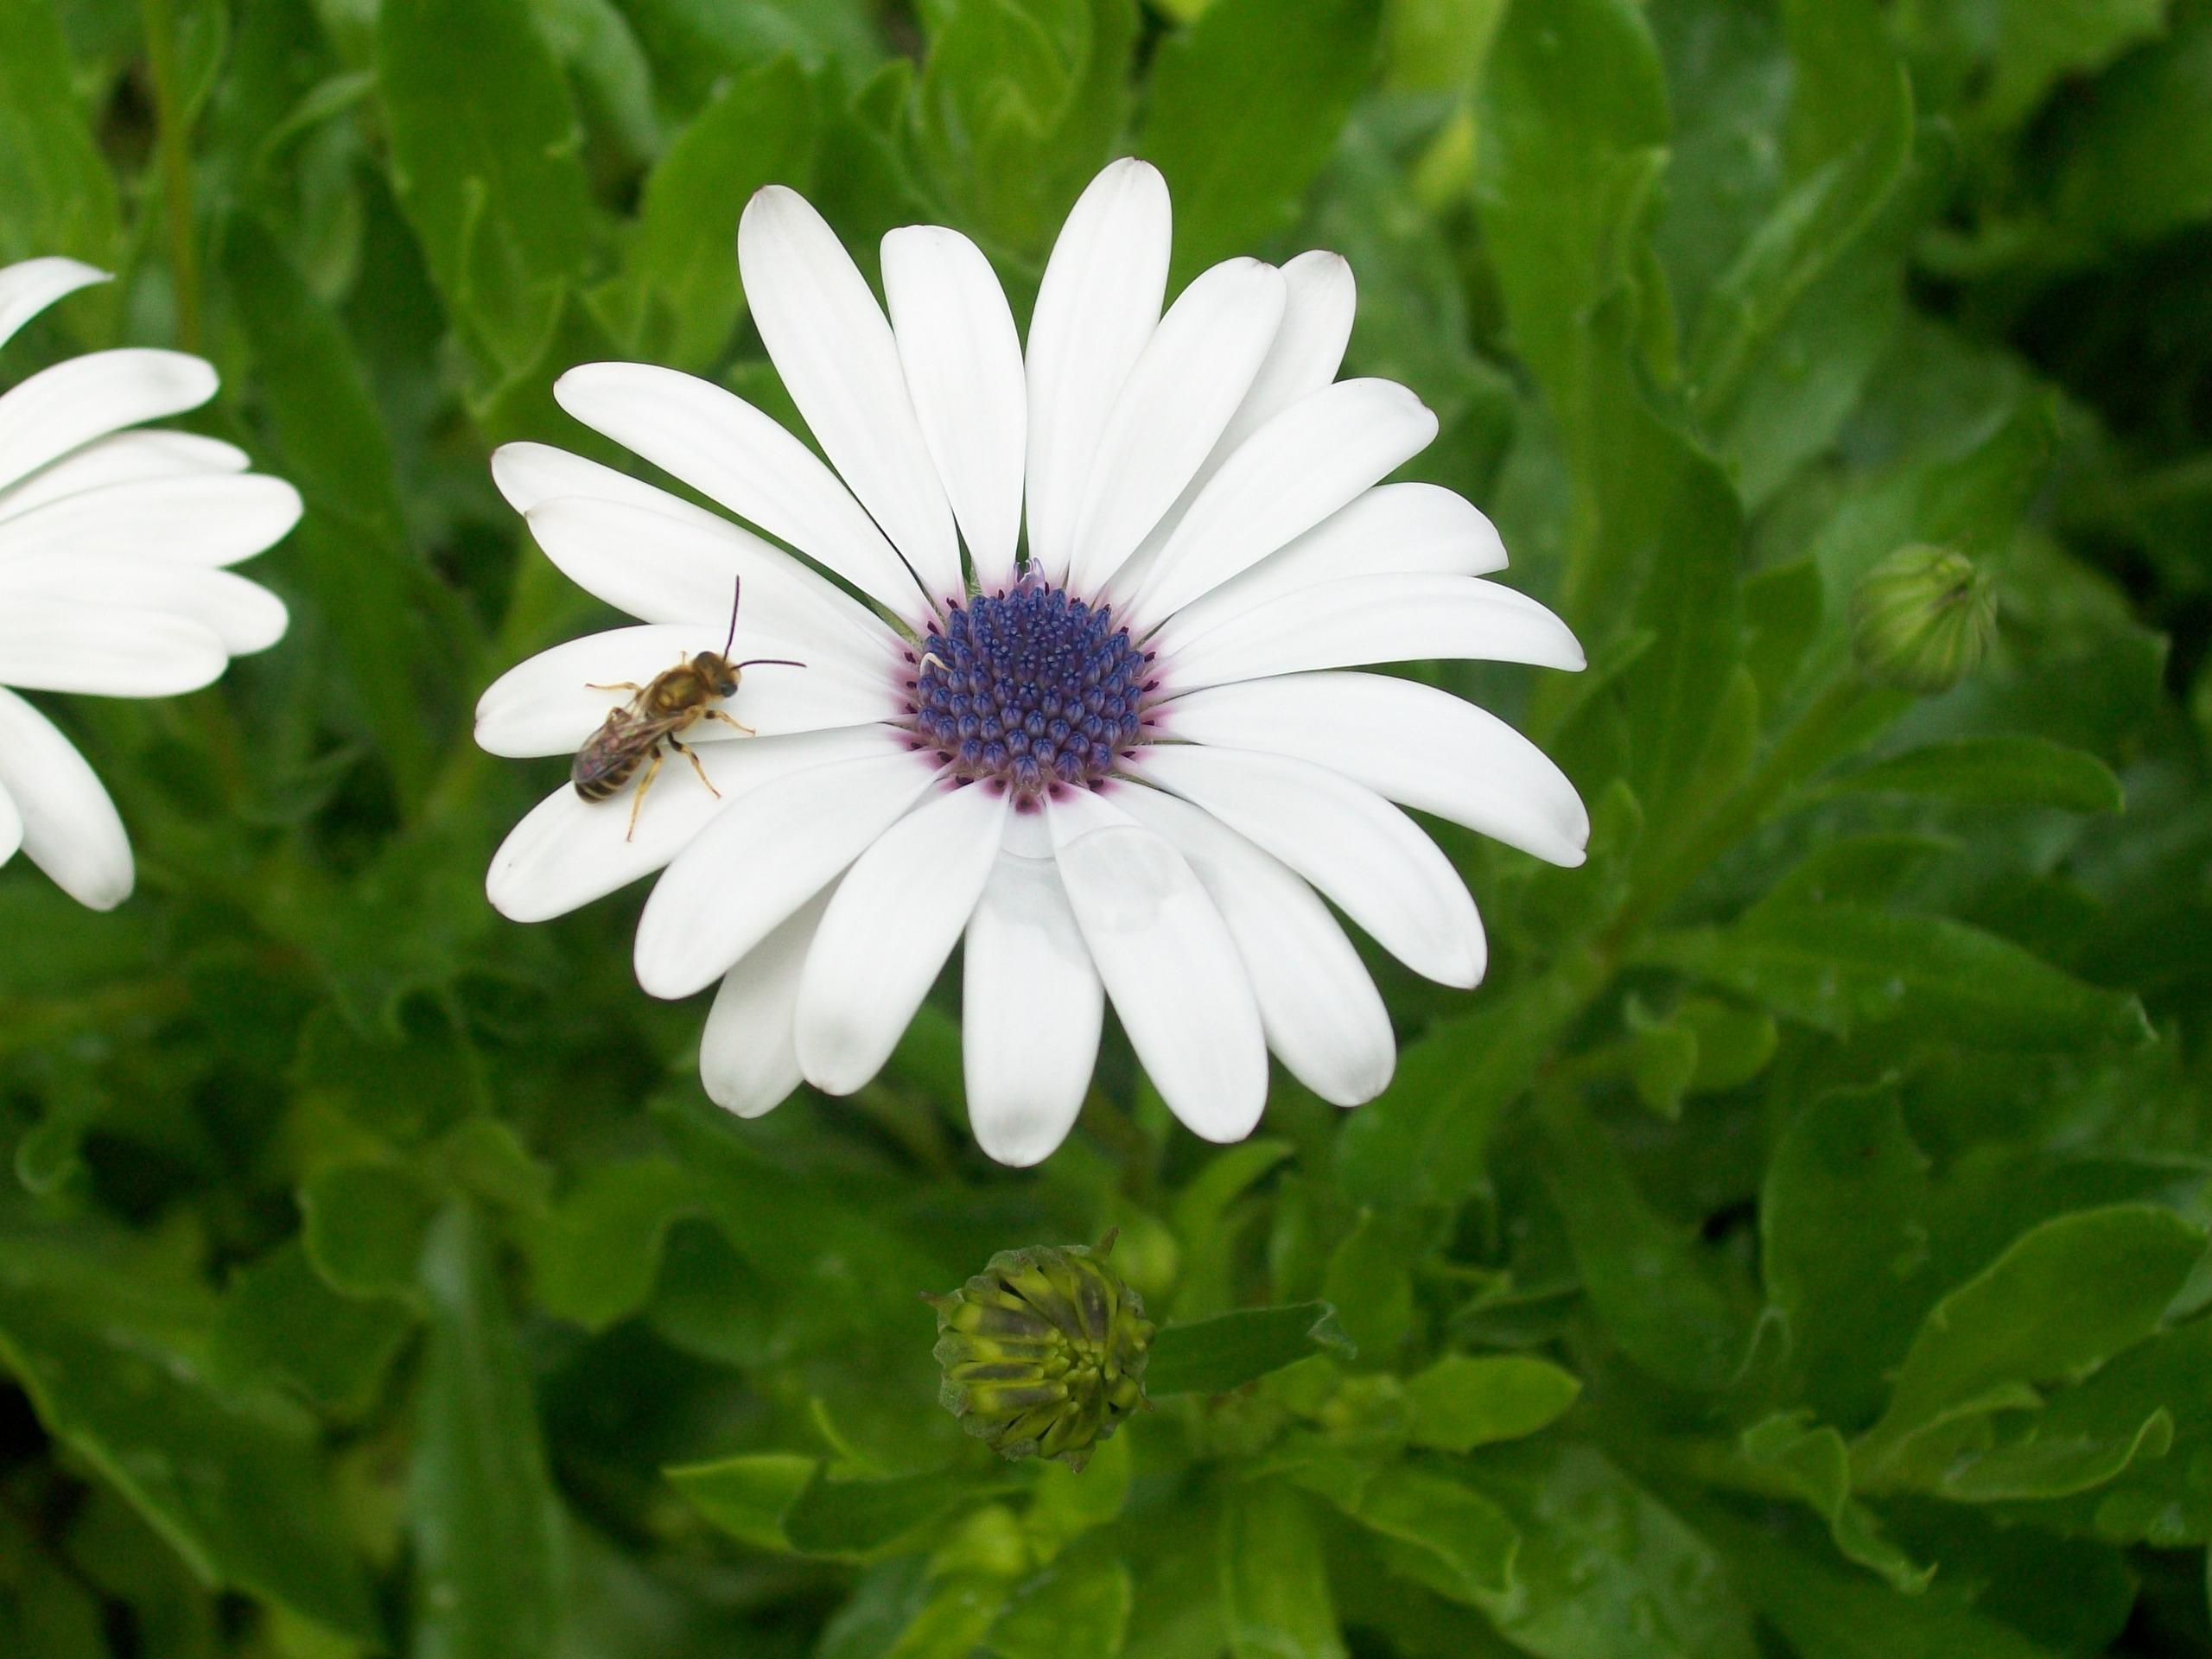 Bee on a Flower graphy Wallpaper Fanpop